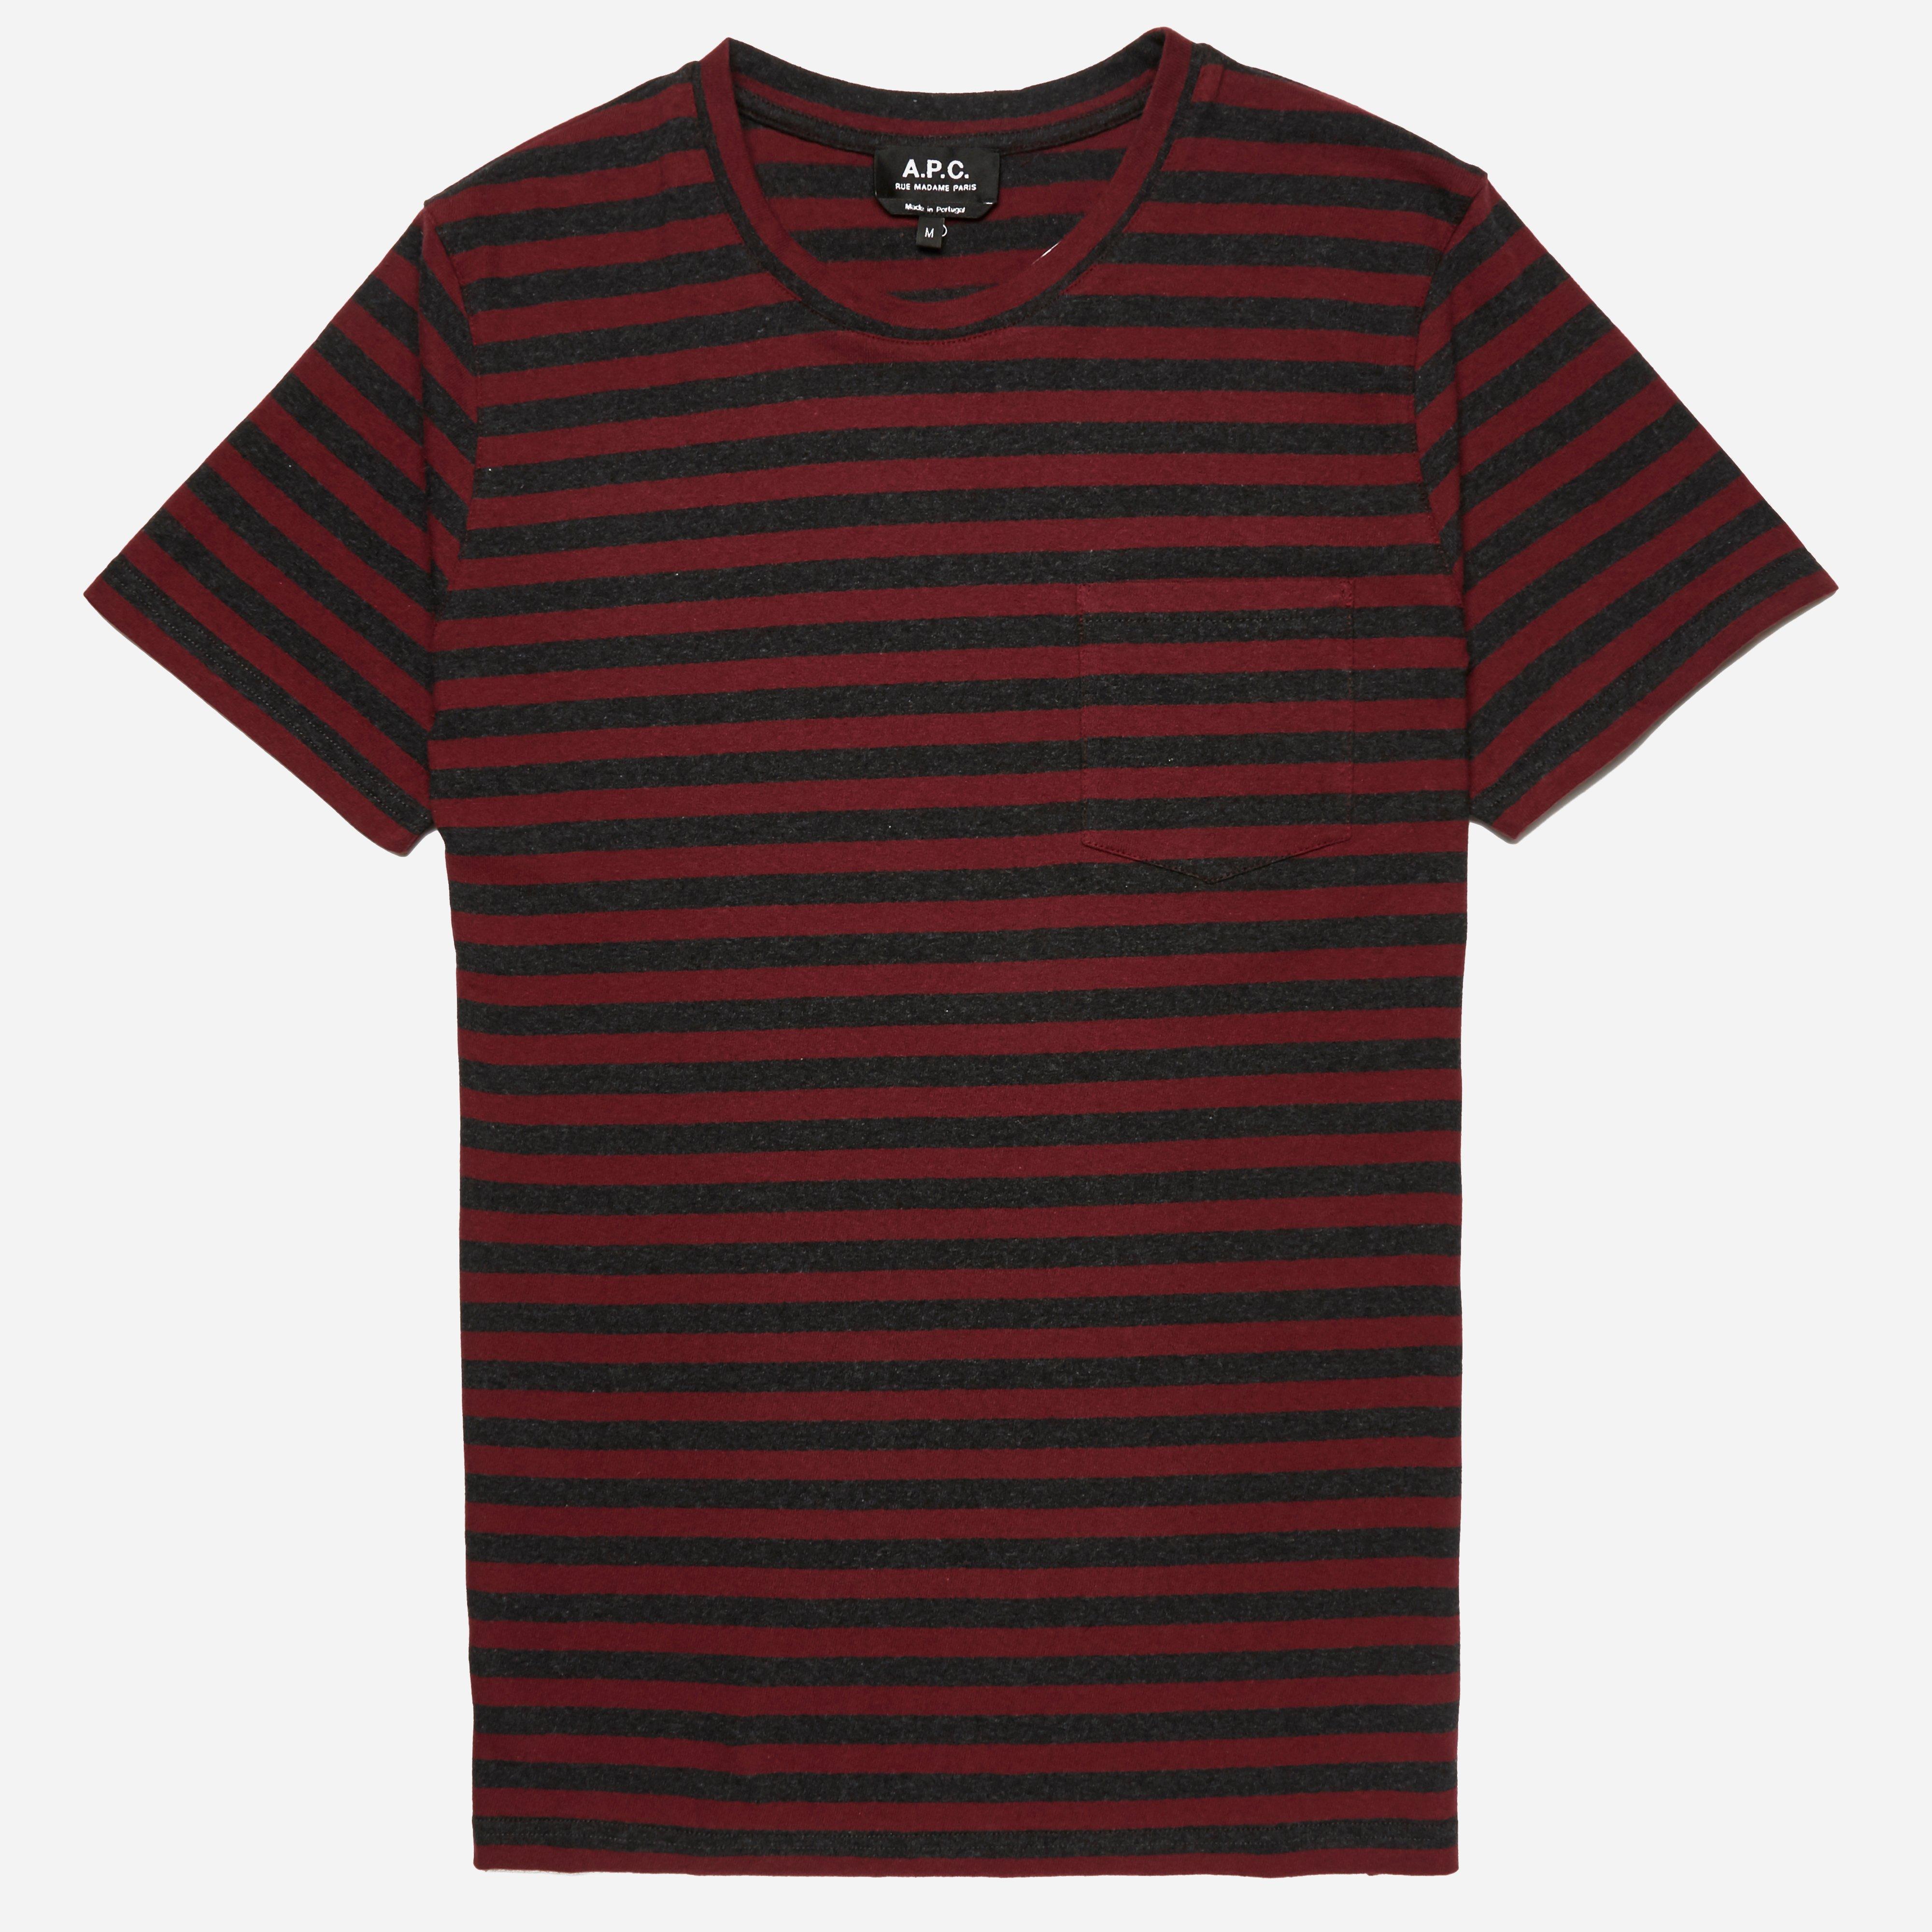 A.P.C Keanu T-shirt